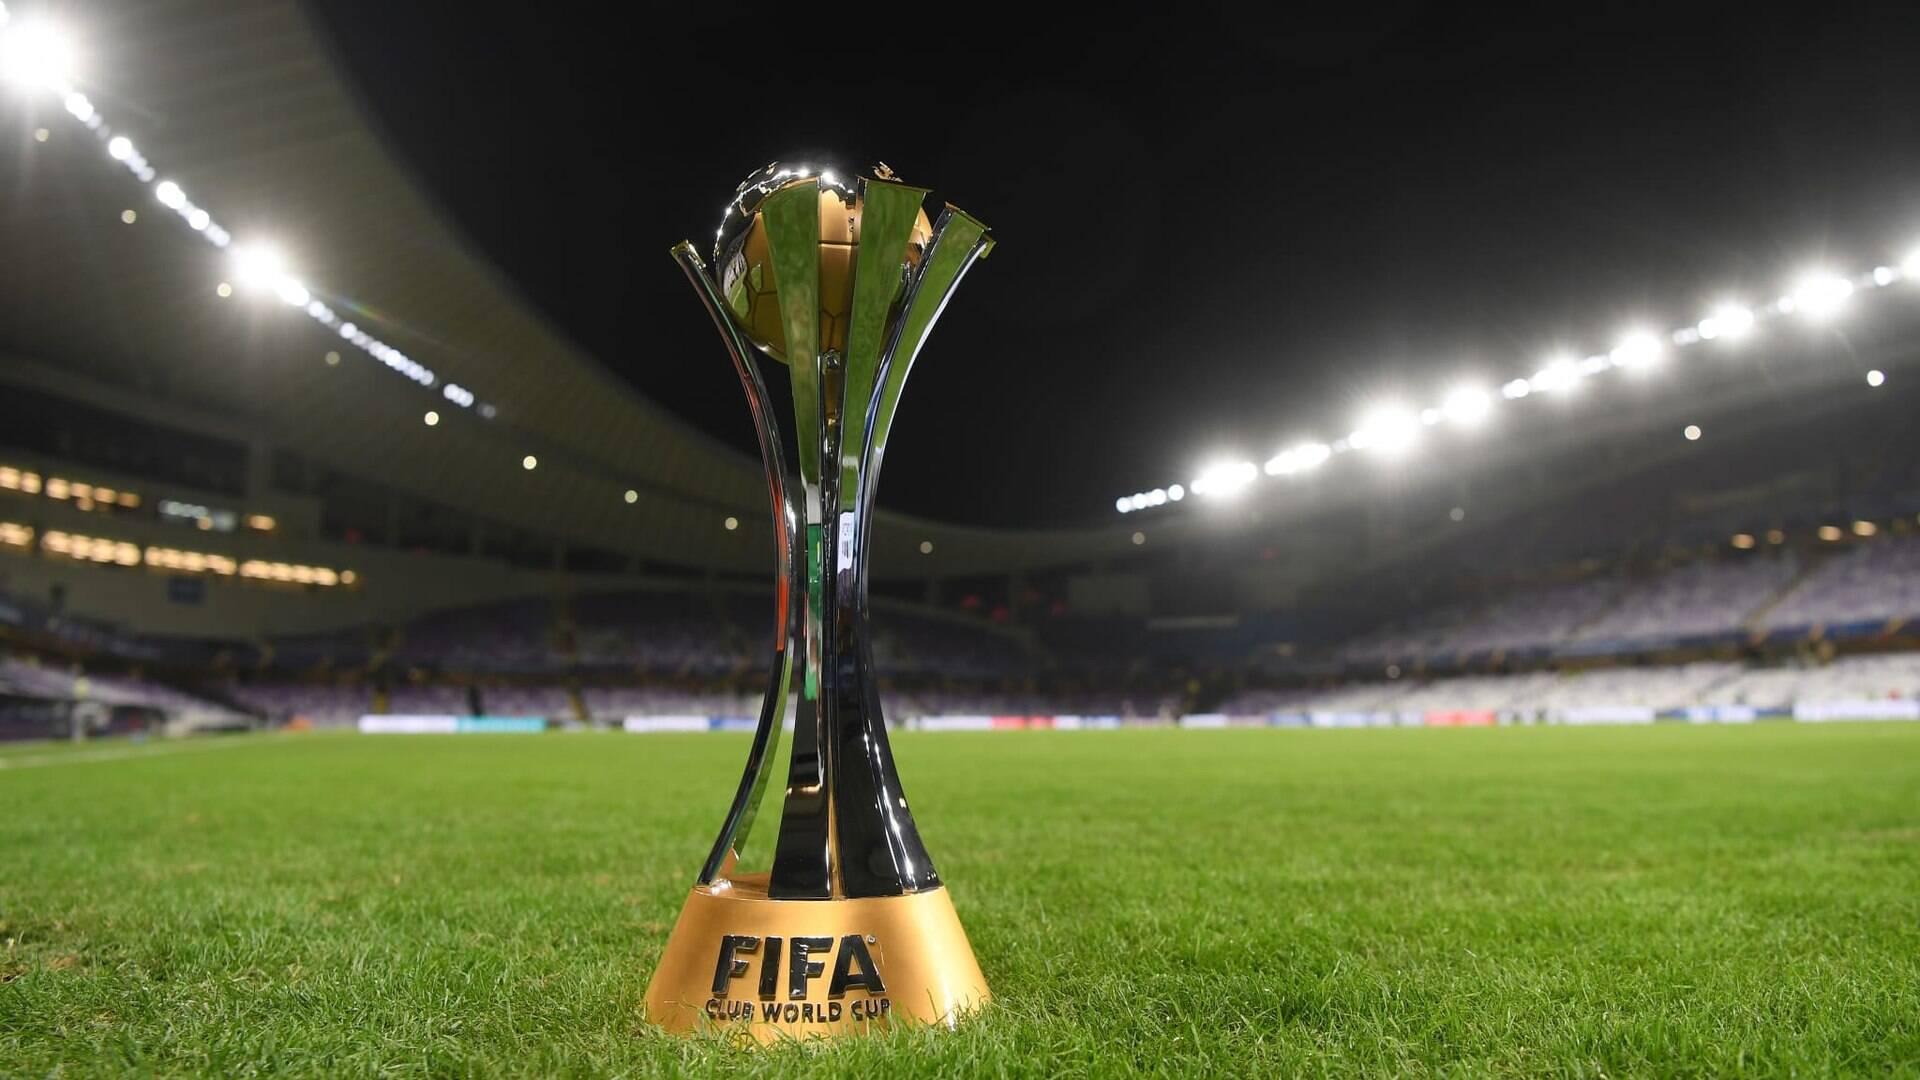 2010. España gana el Mundial: el día que todos fuimos felices